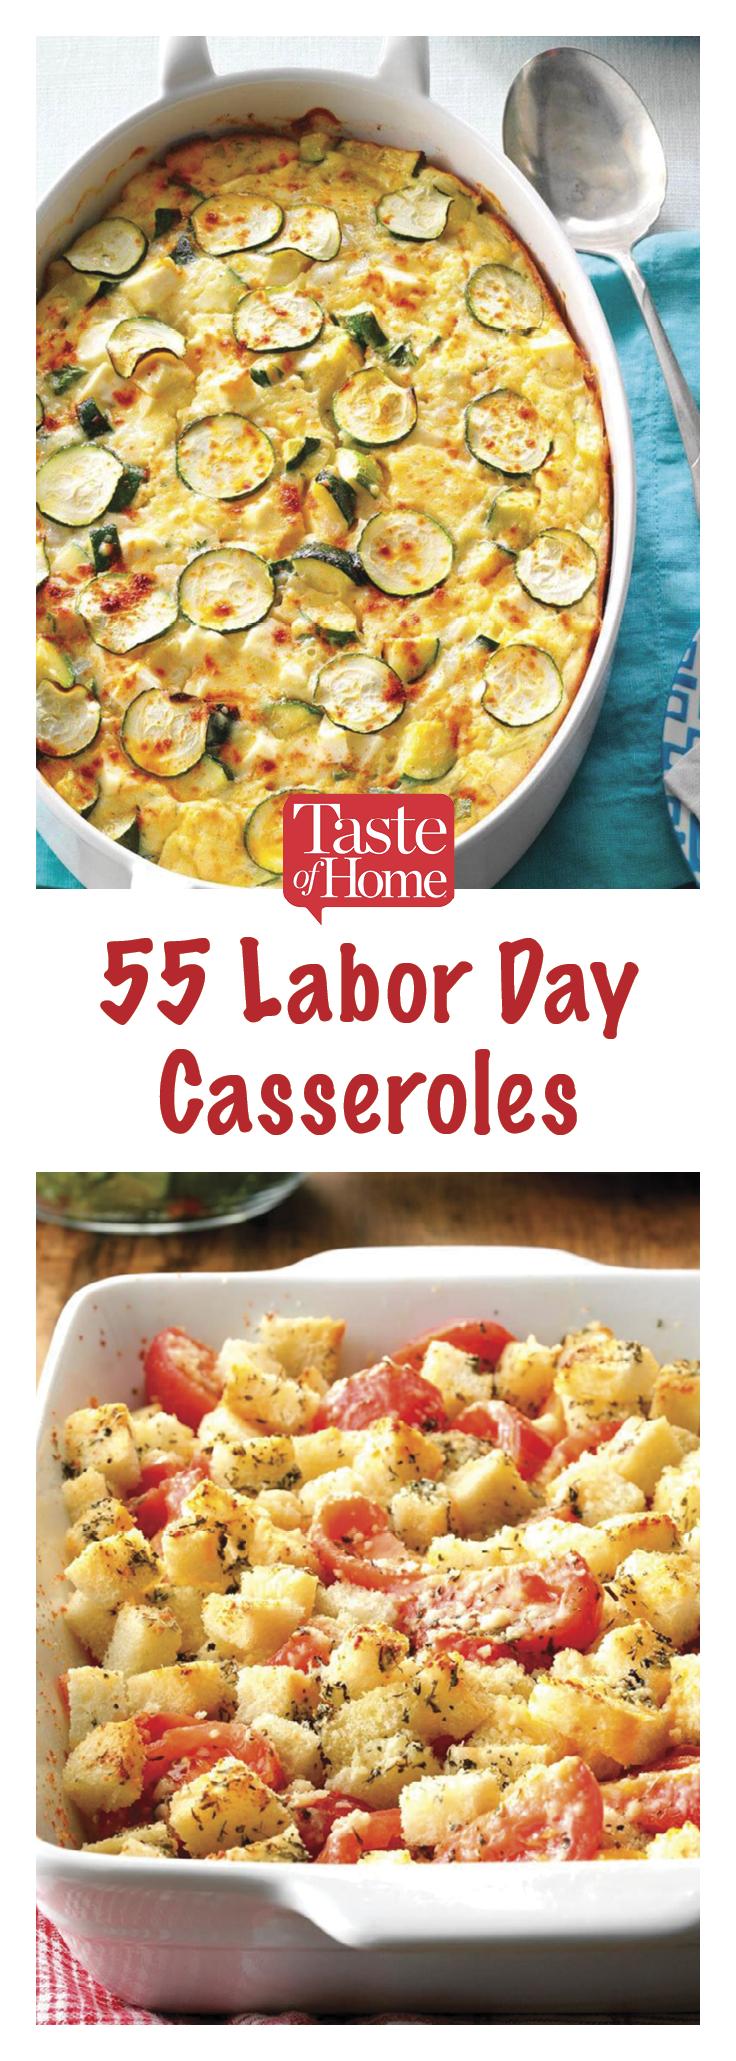 Labor Day Casserole Recipes To Celebrate The End Of Summer Dinner Casserole Recipes Casserole Recipes Recipes